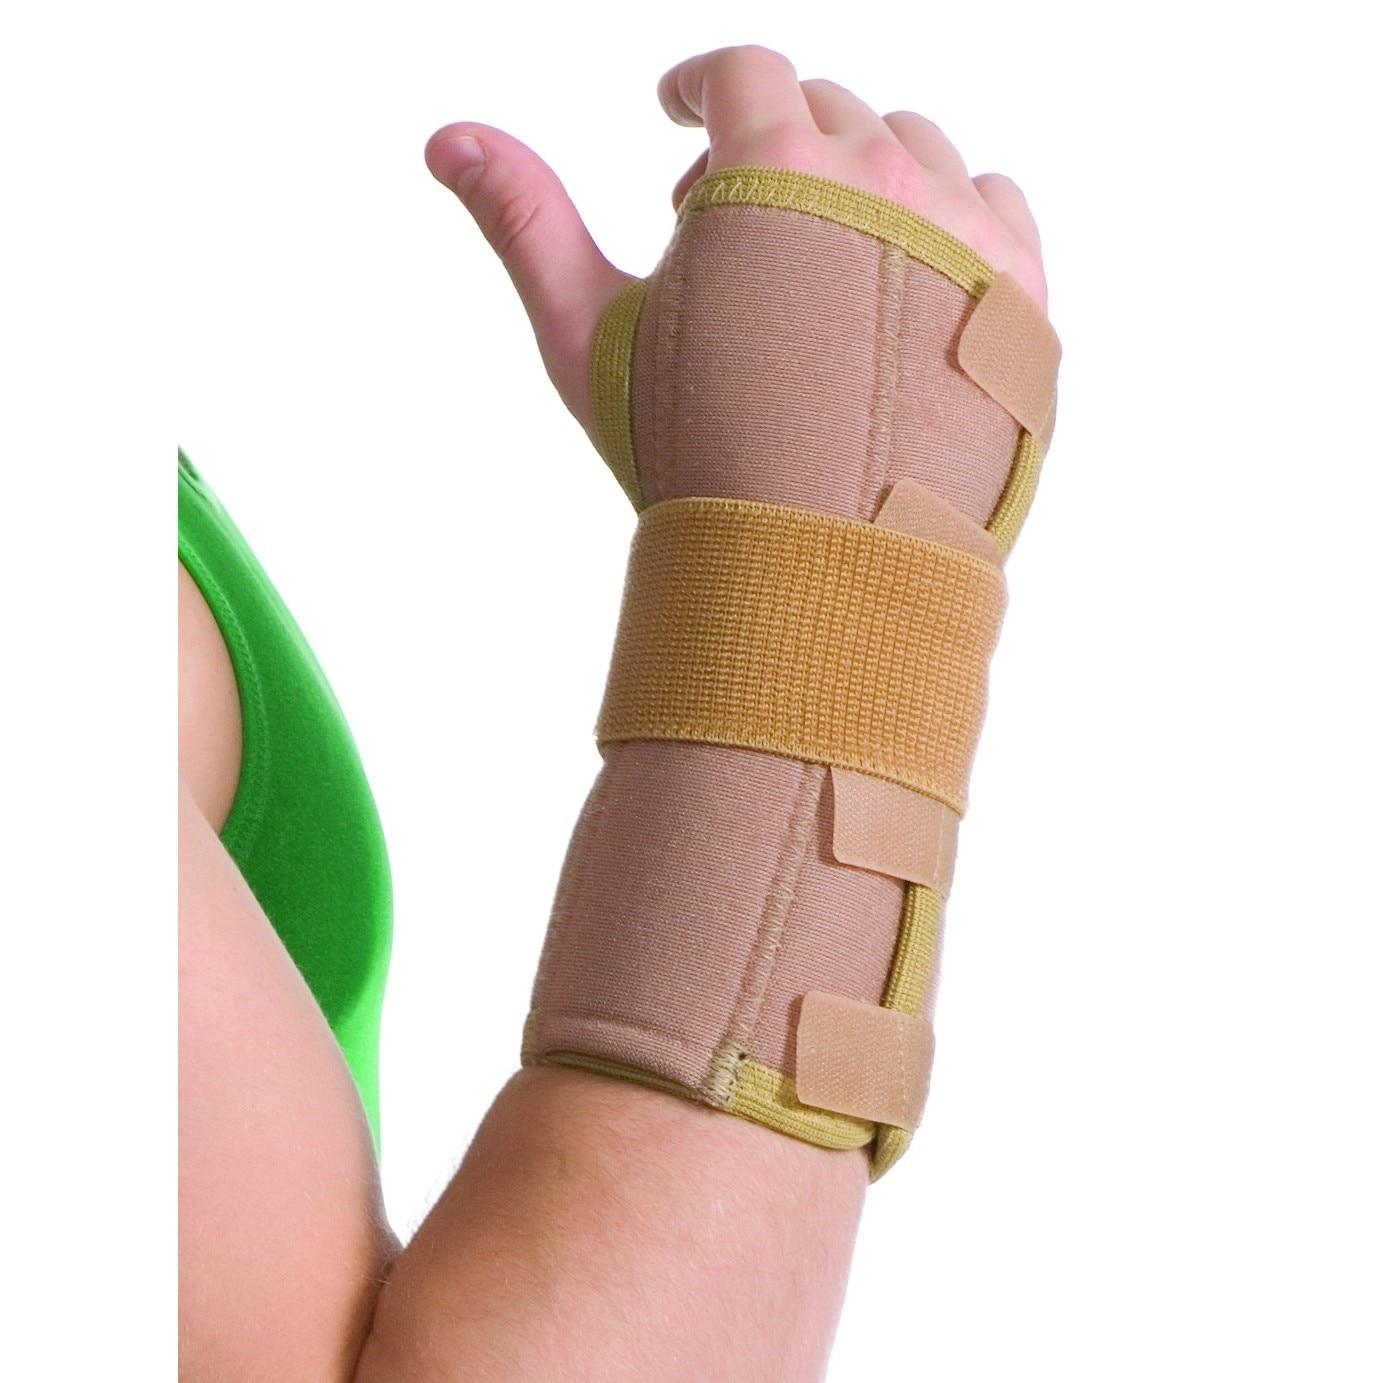 articulație la încheietura mâinii)